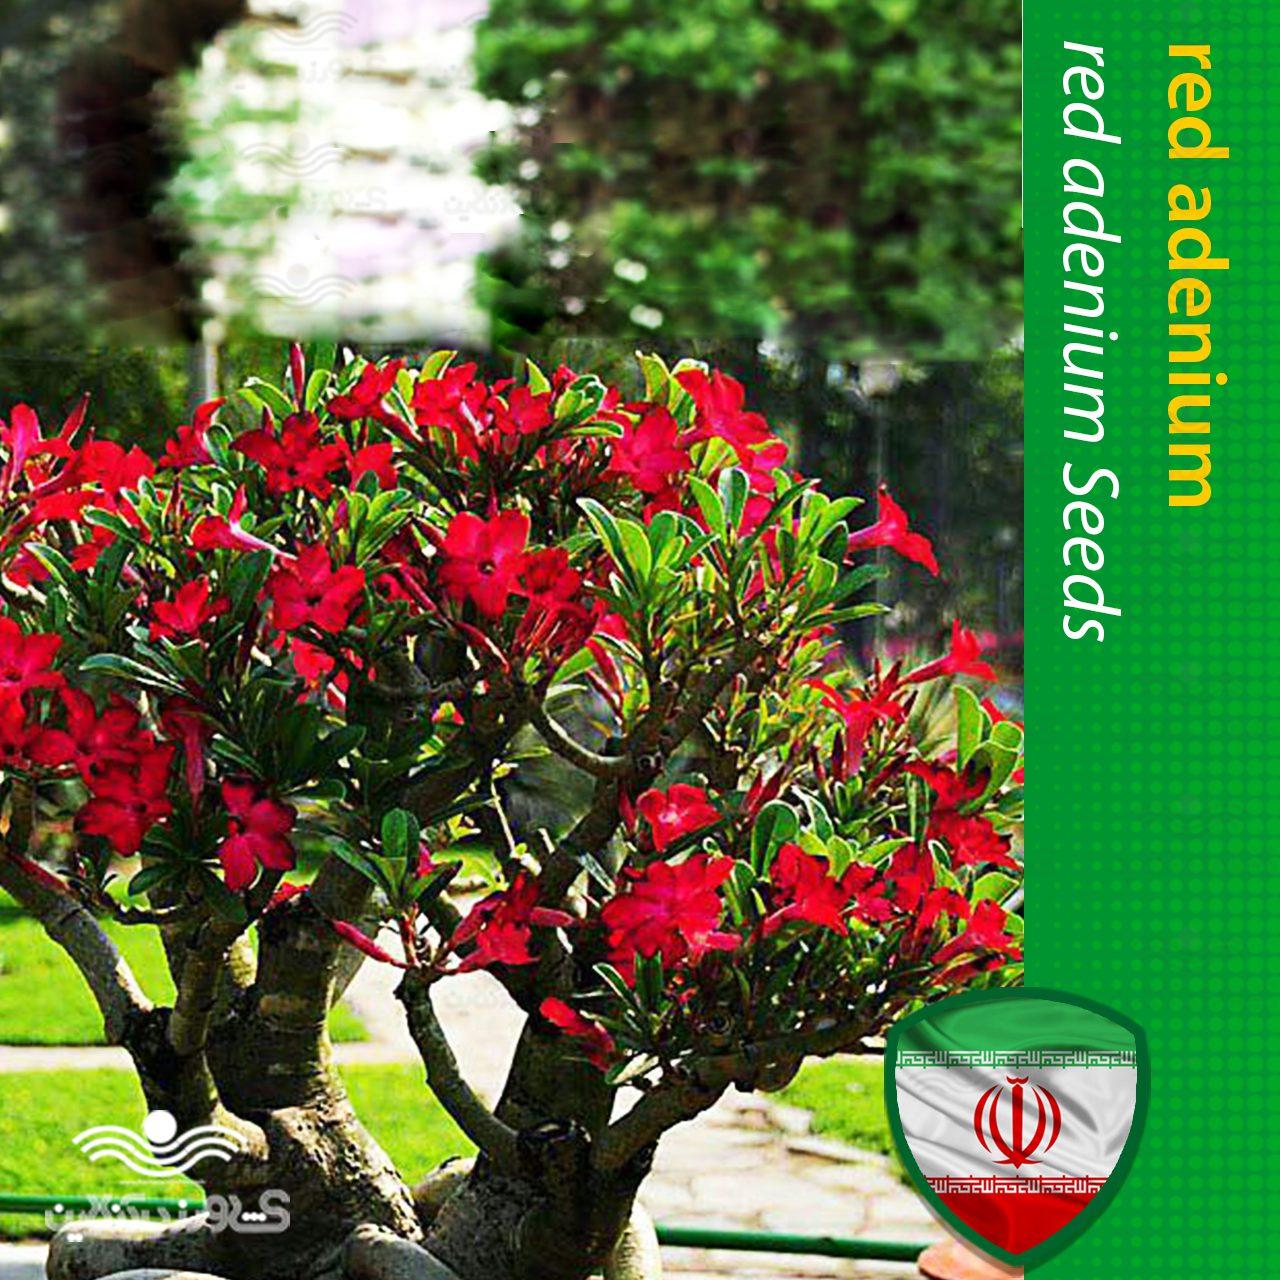 بذر آدنیوم قرمز و روش تکثیر و نگهداری آدنیوم